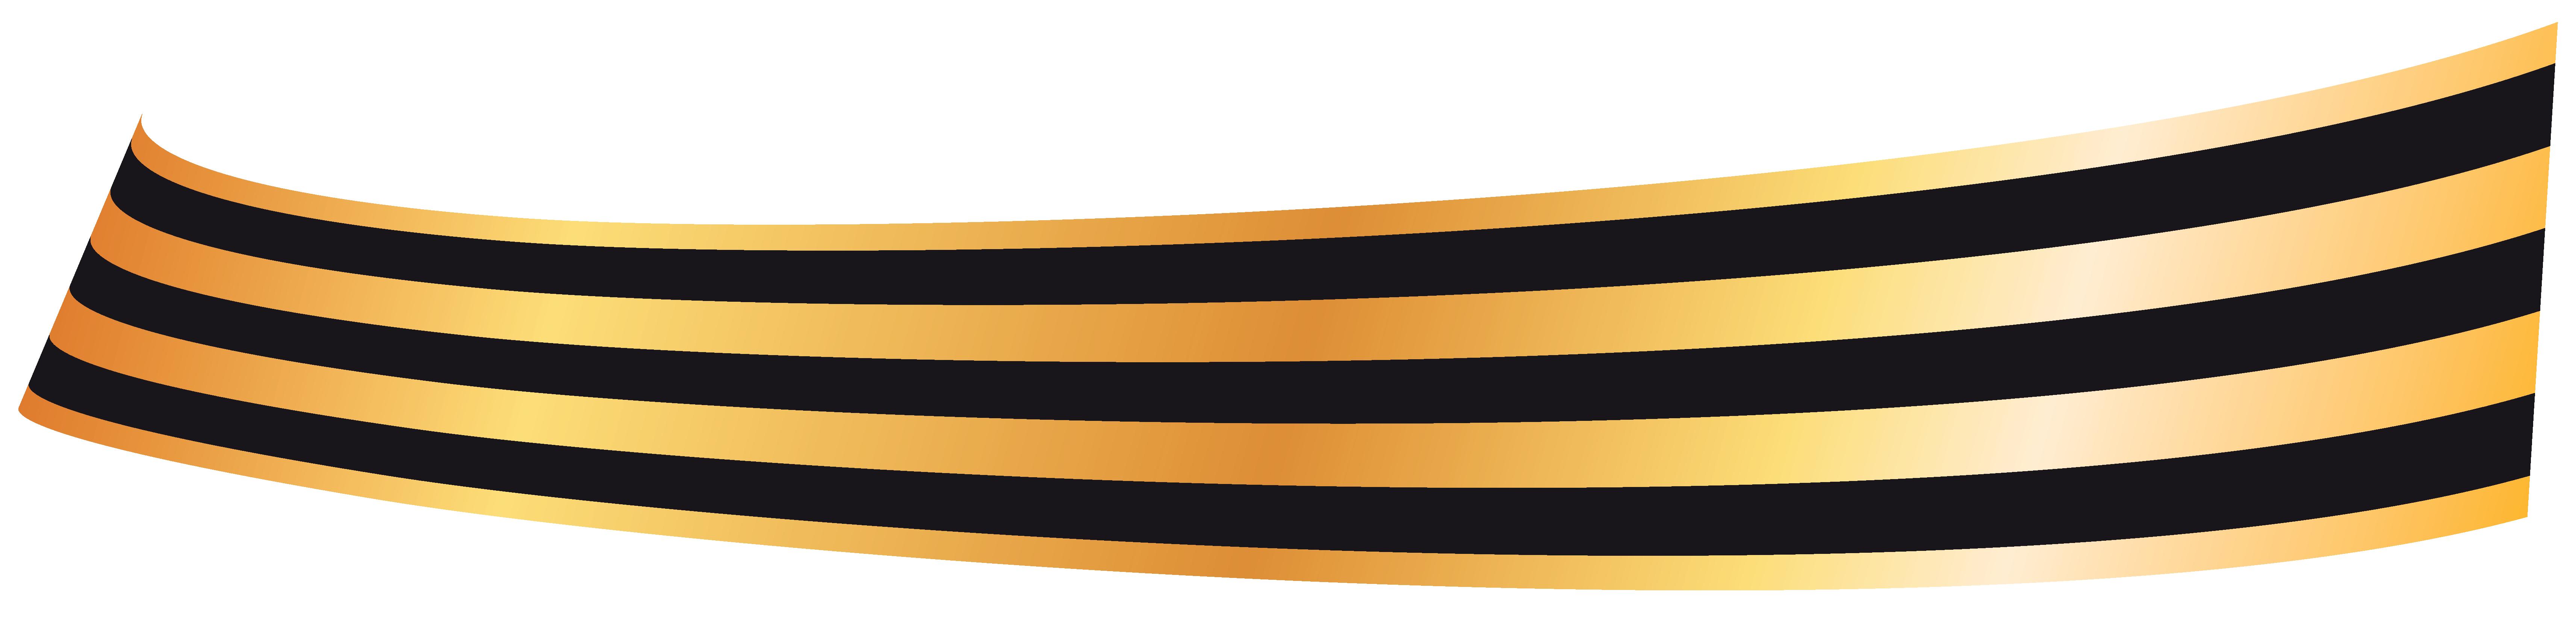 Георгиевская лента #7